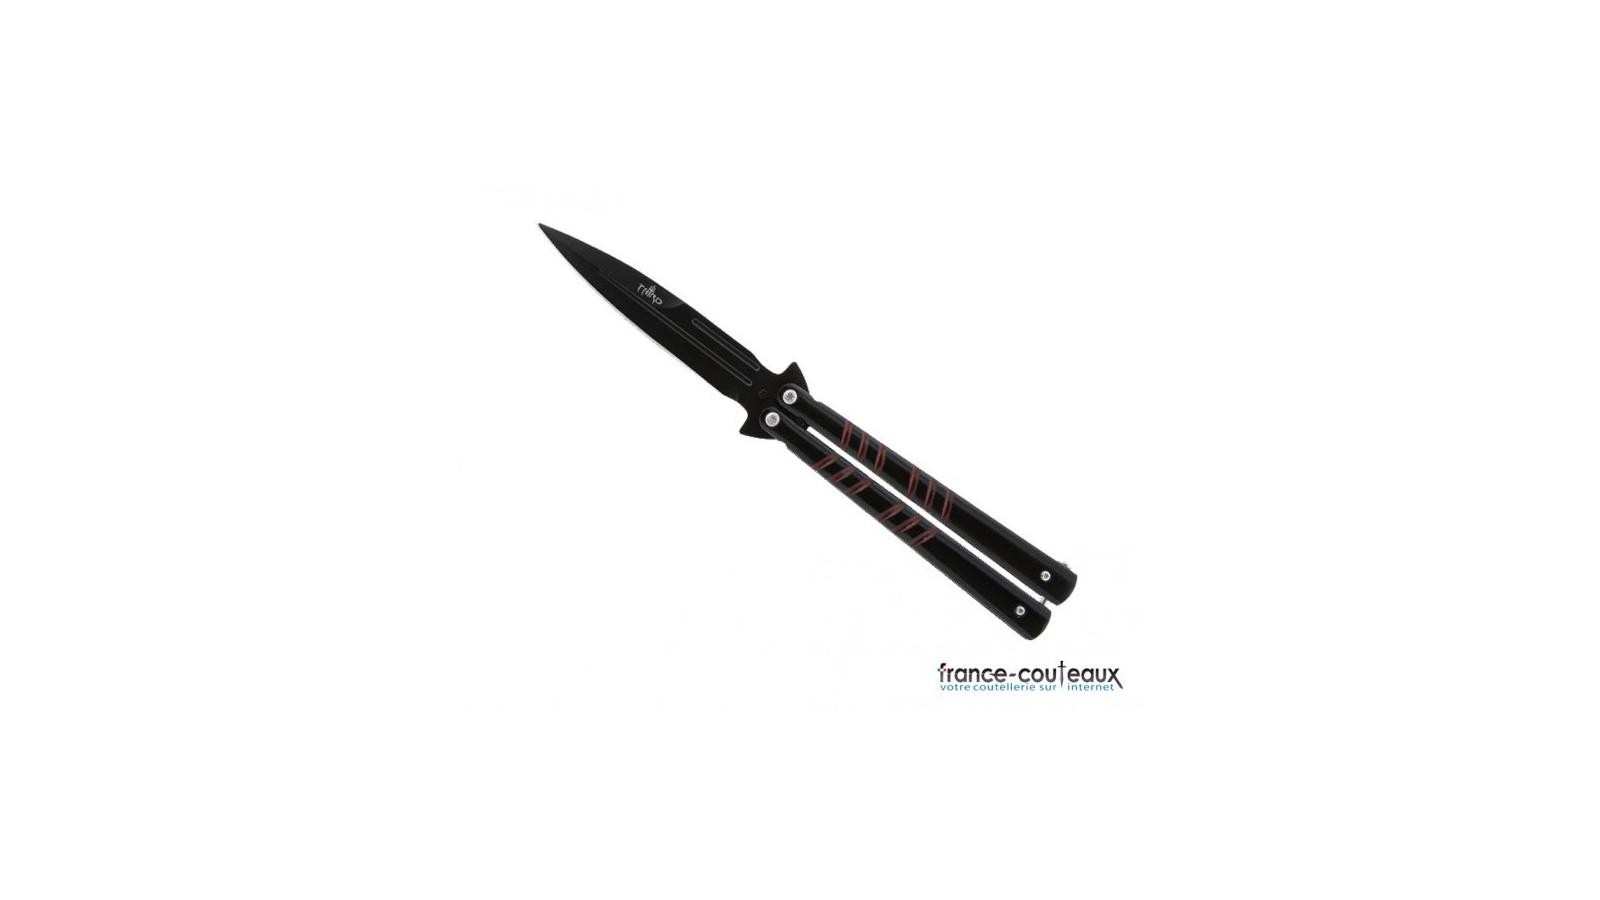 Petite lampe de poche LED Fenix UC30 960 lumens